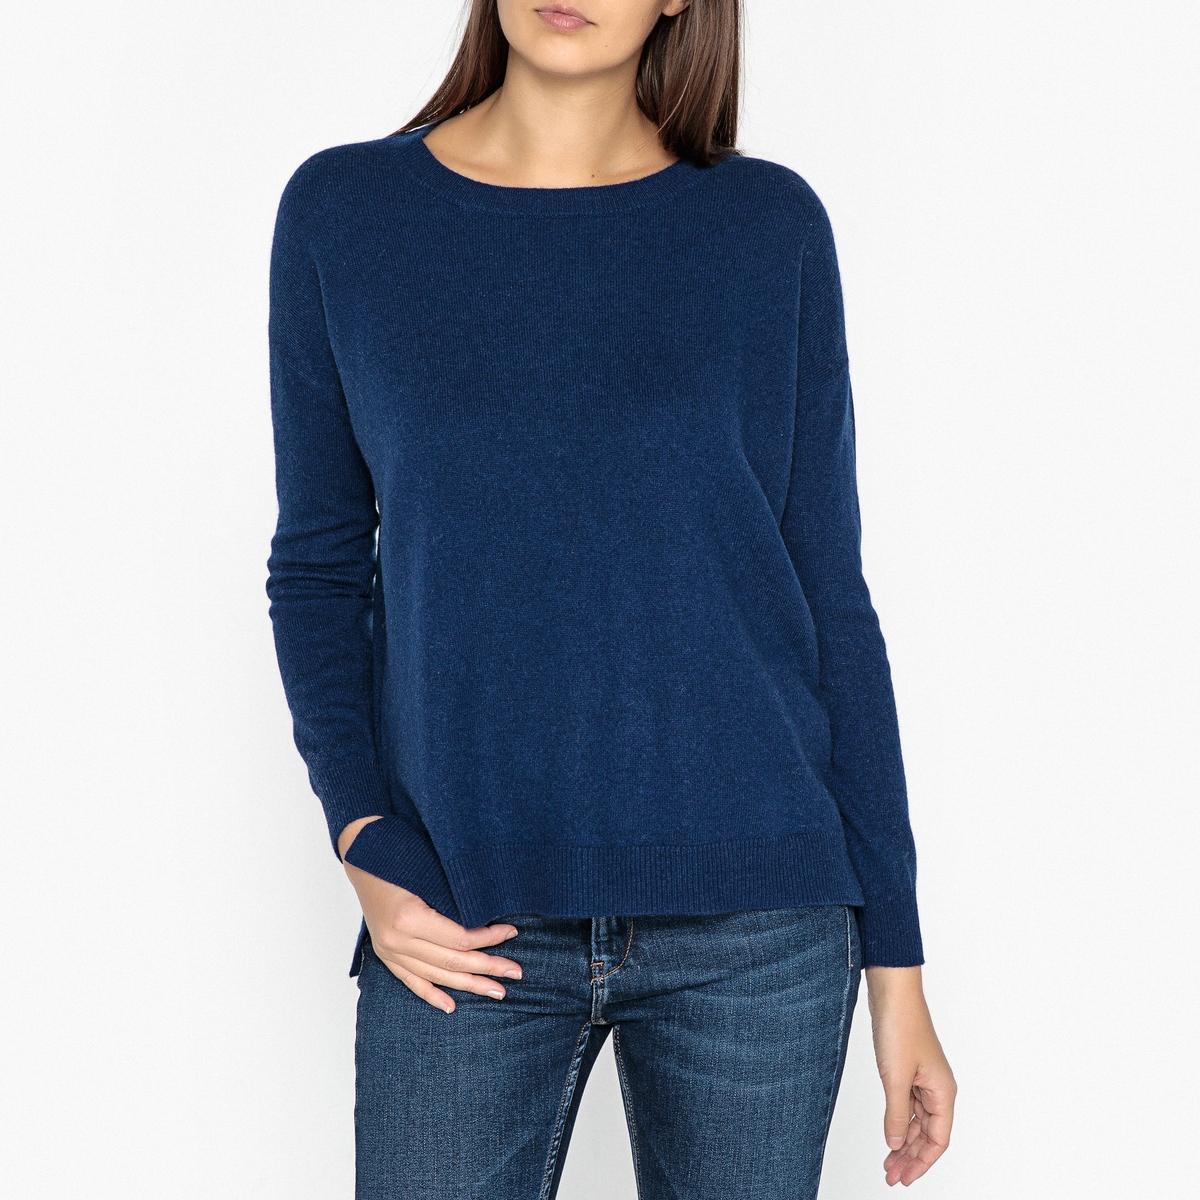 Пуловер кашемировый с круглым вырезом женский пуловер brand new 2015